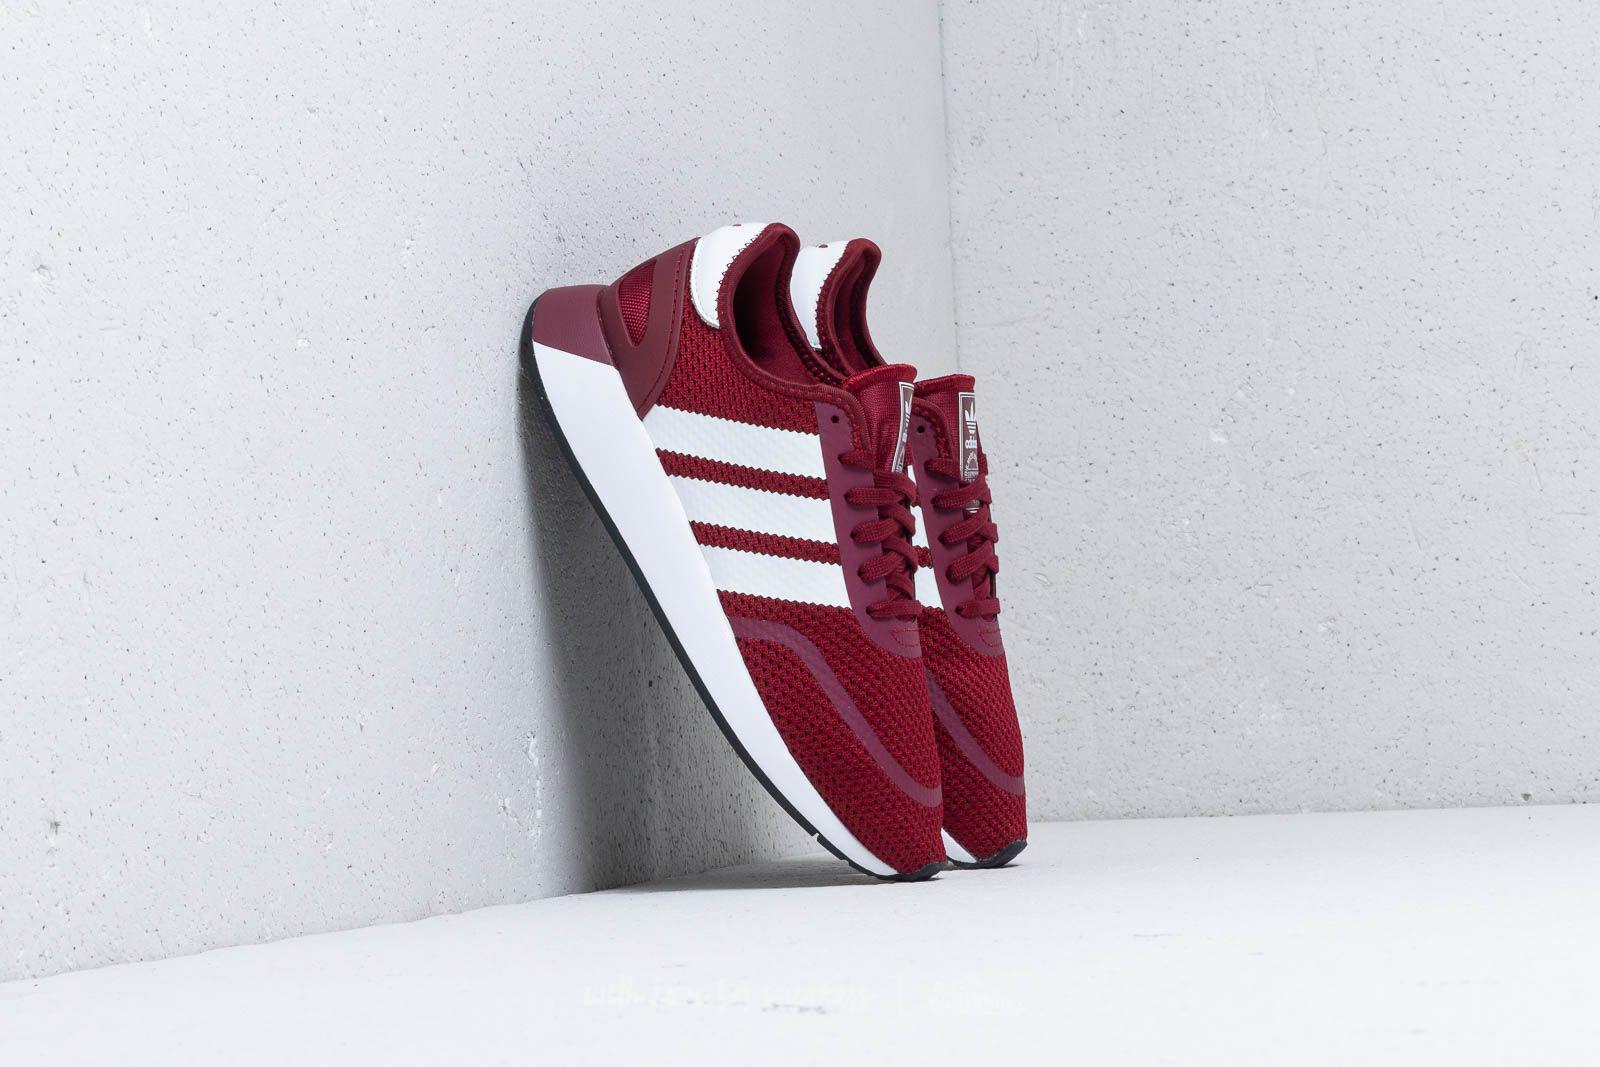 lowest price e63e4 bc5f0 Lyst - adidas Originals Adidas N-5923 Collegiate Burgundy Ft